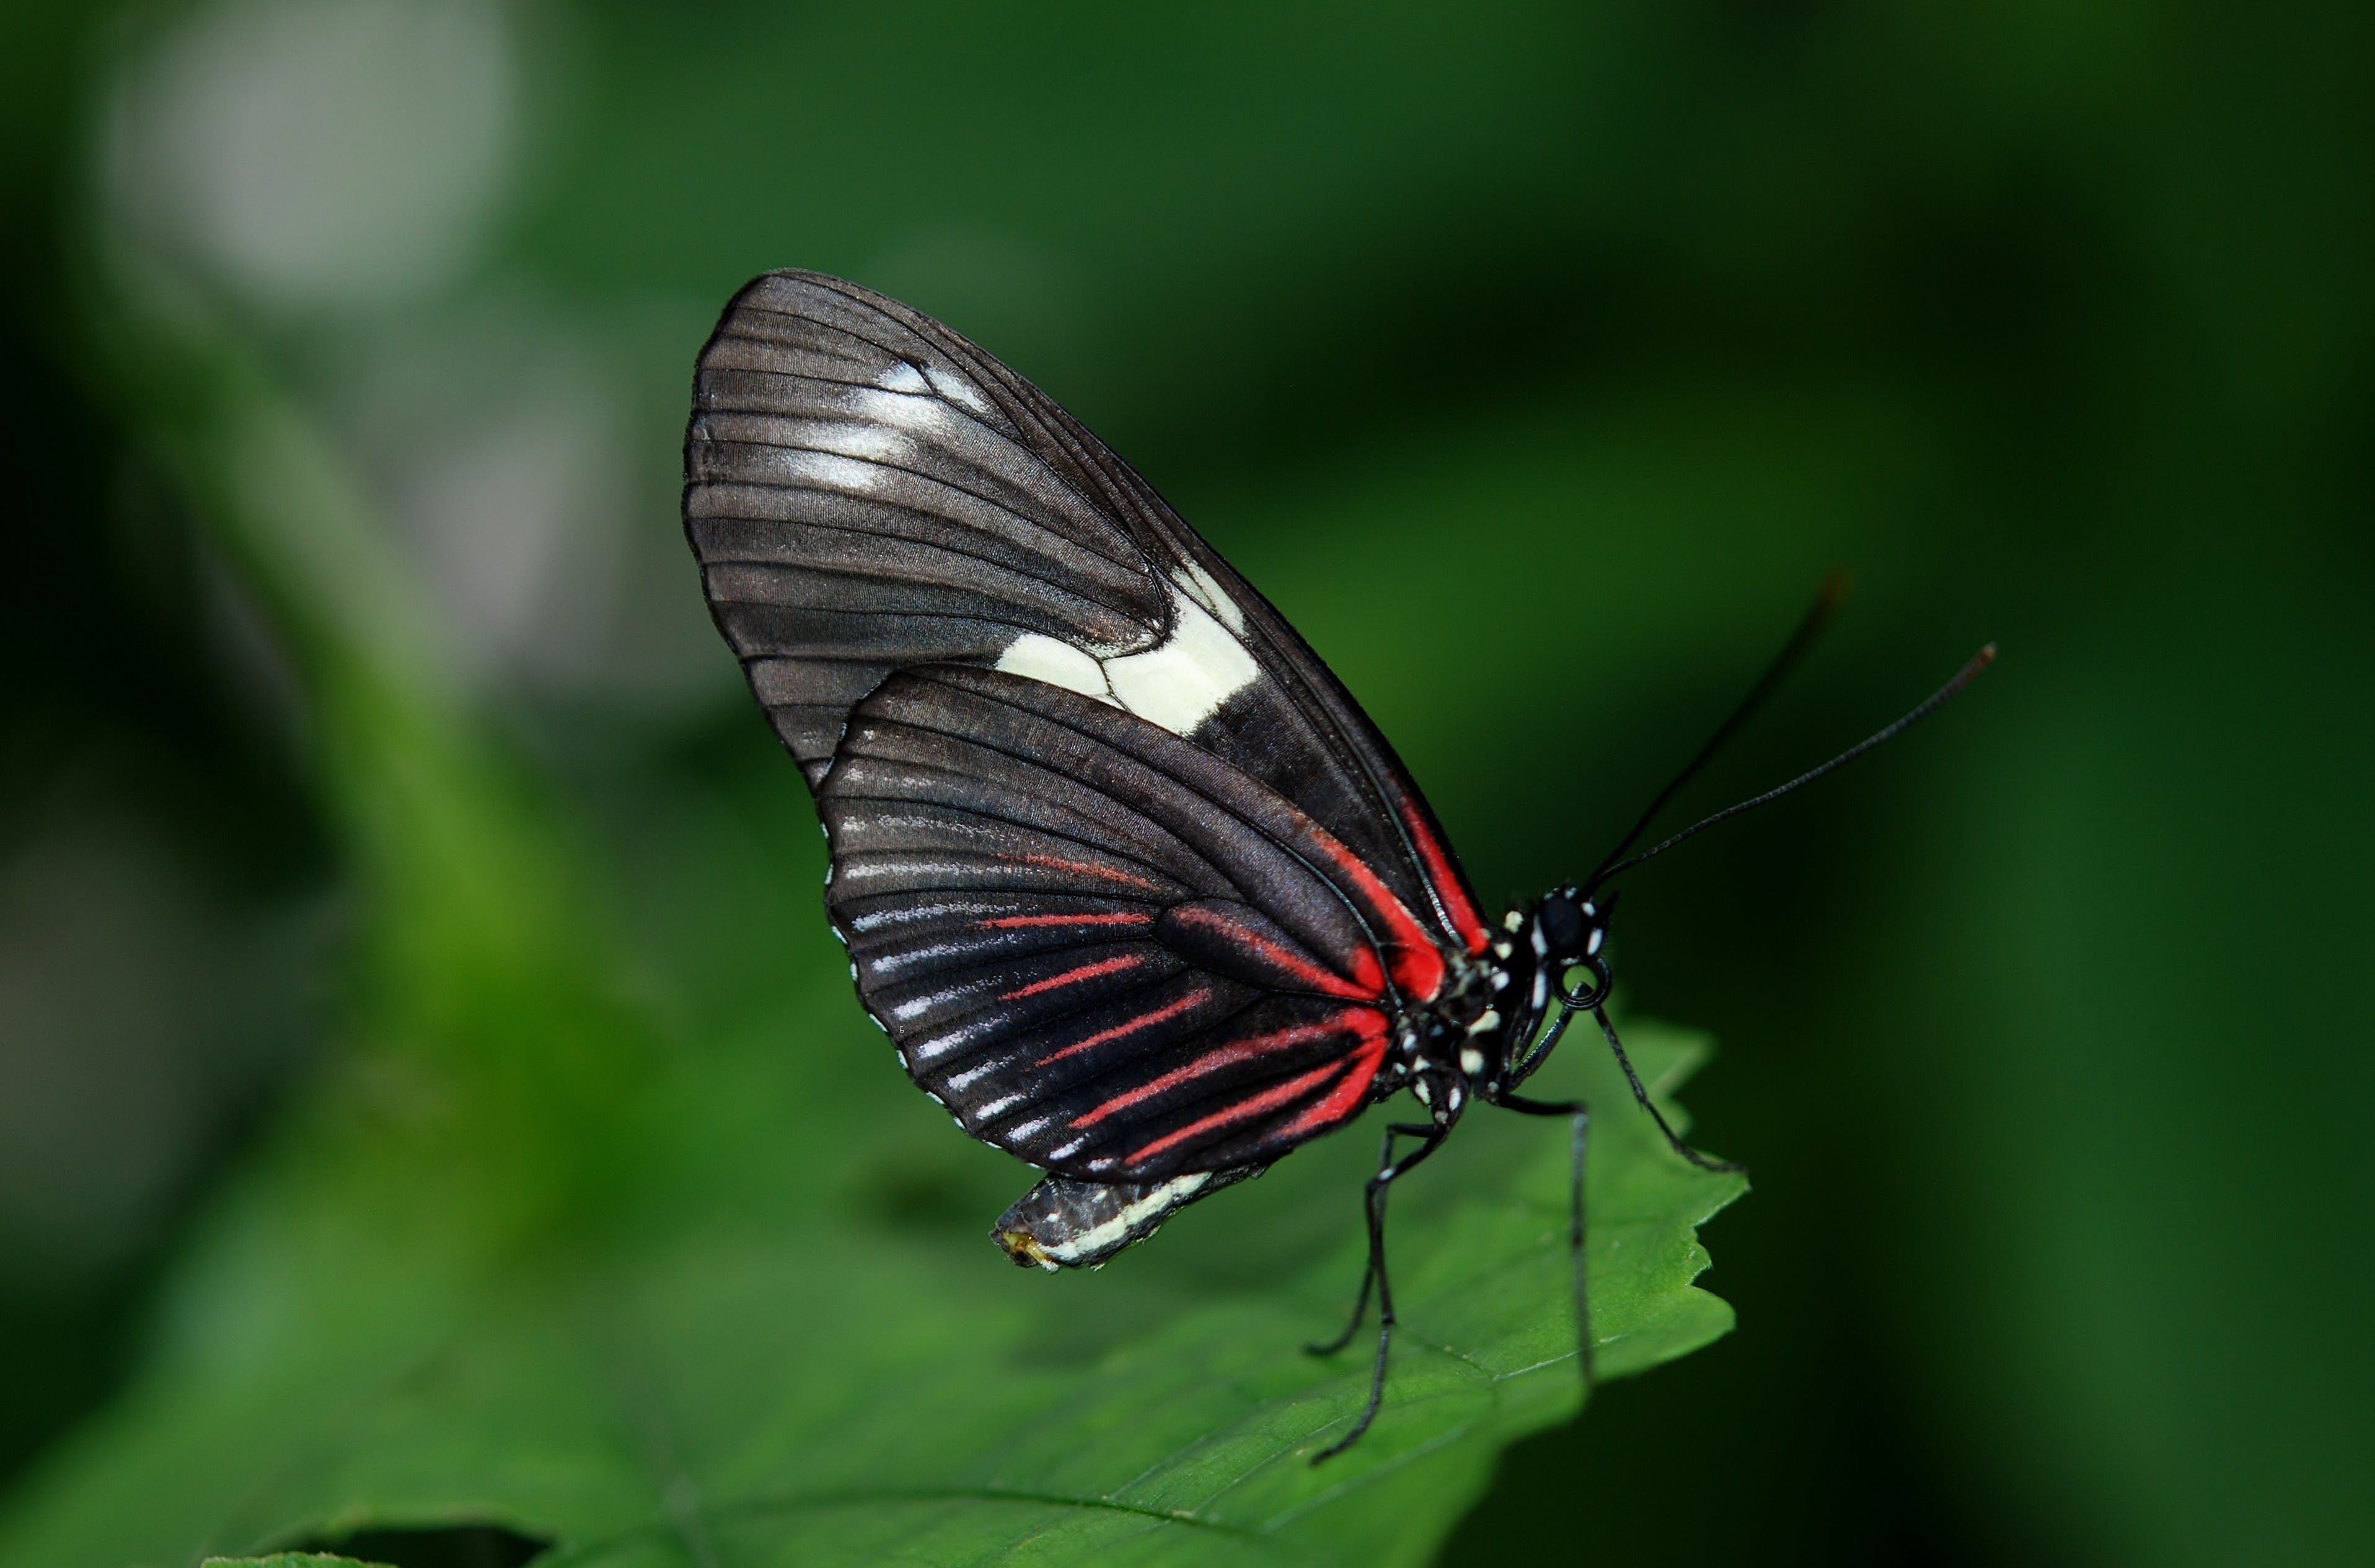 Gratis lagerfoto af close-up, insekt, makro, sommerfugl